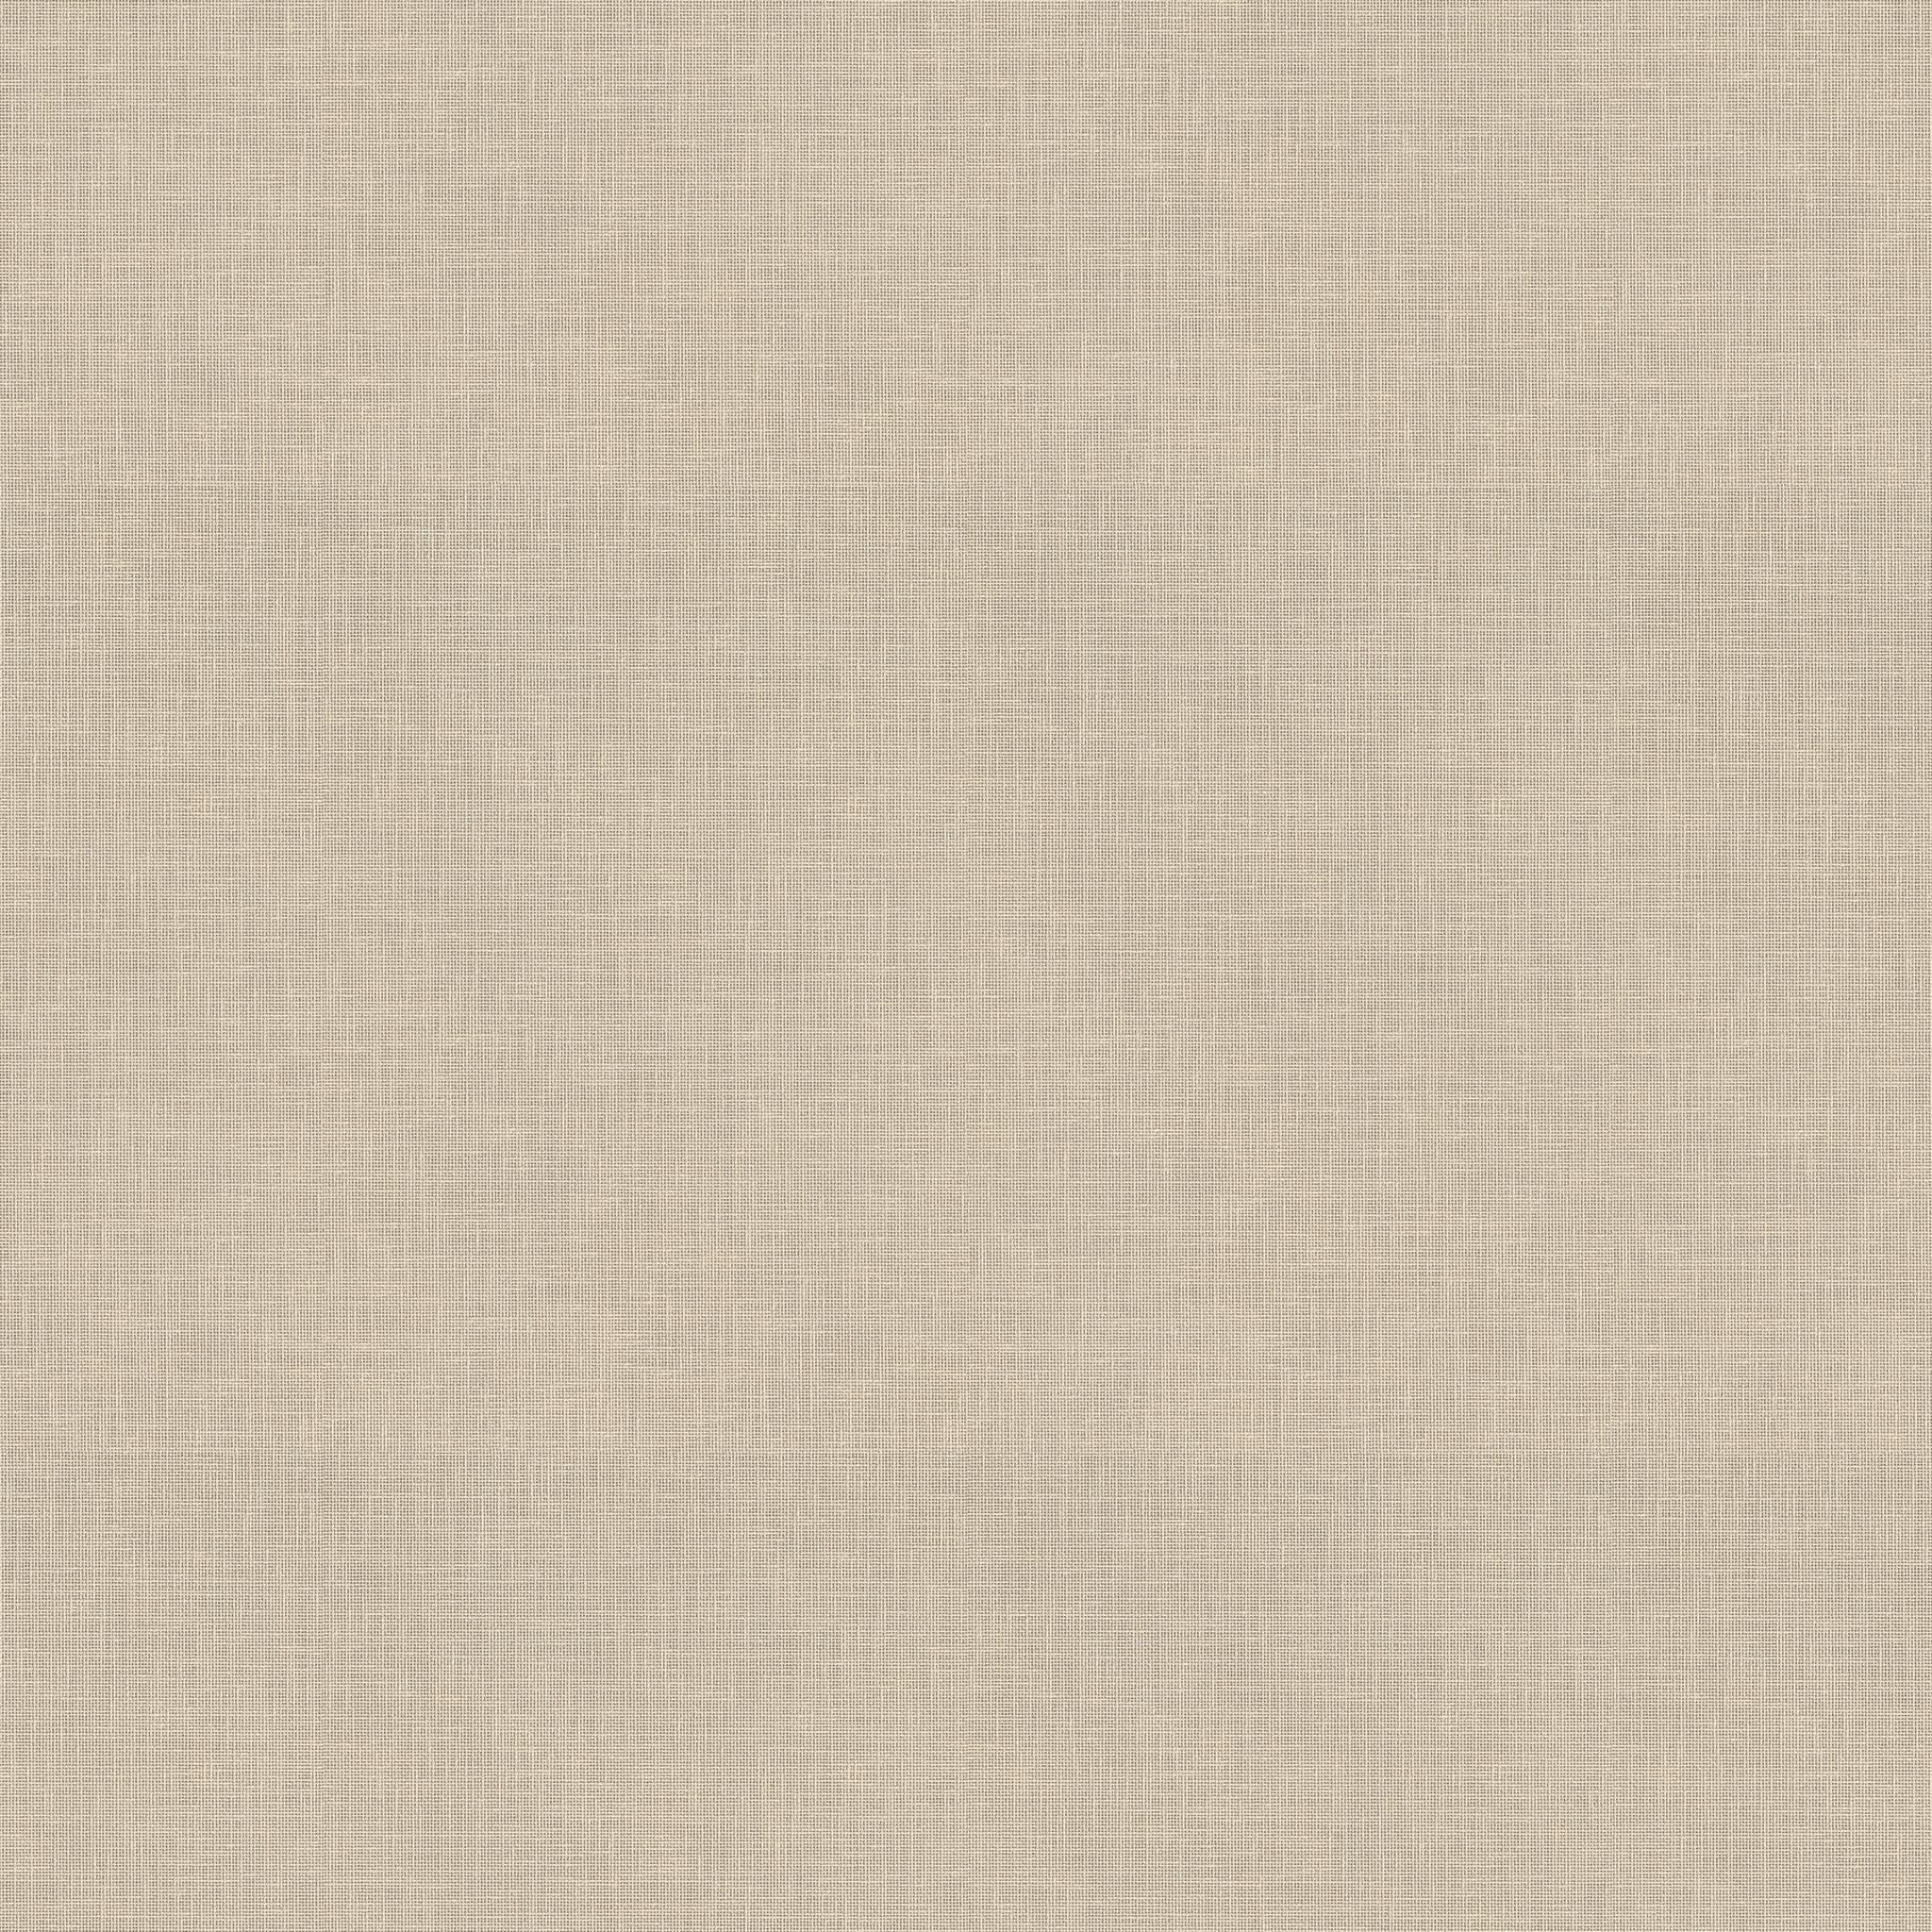 F425 ST10 Linnen beige  Image